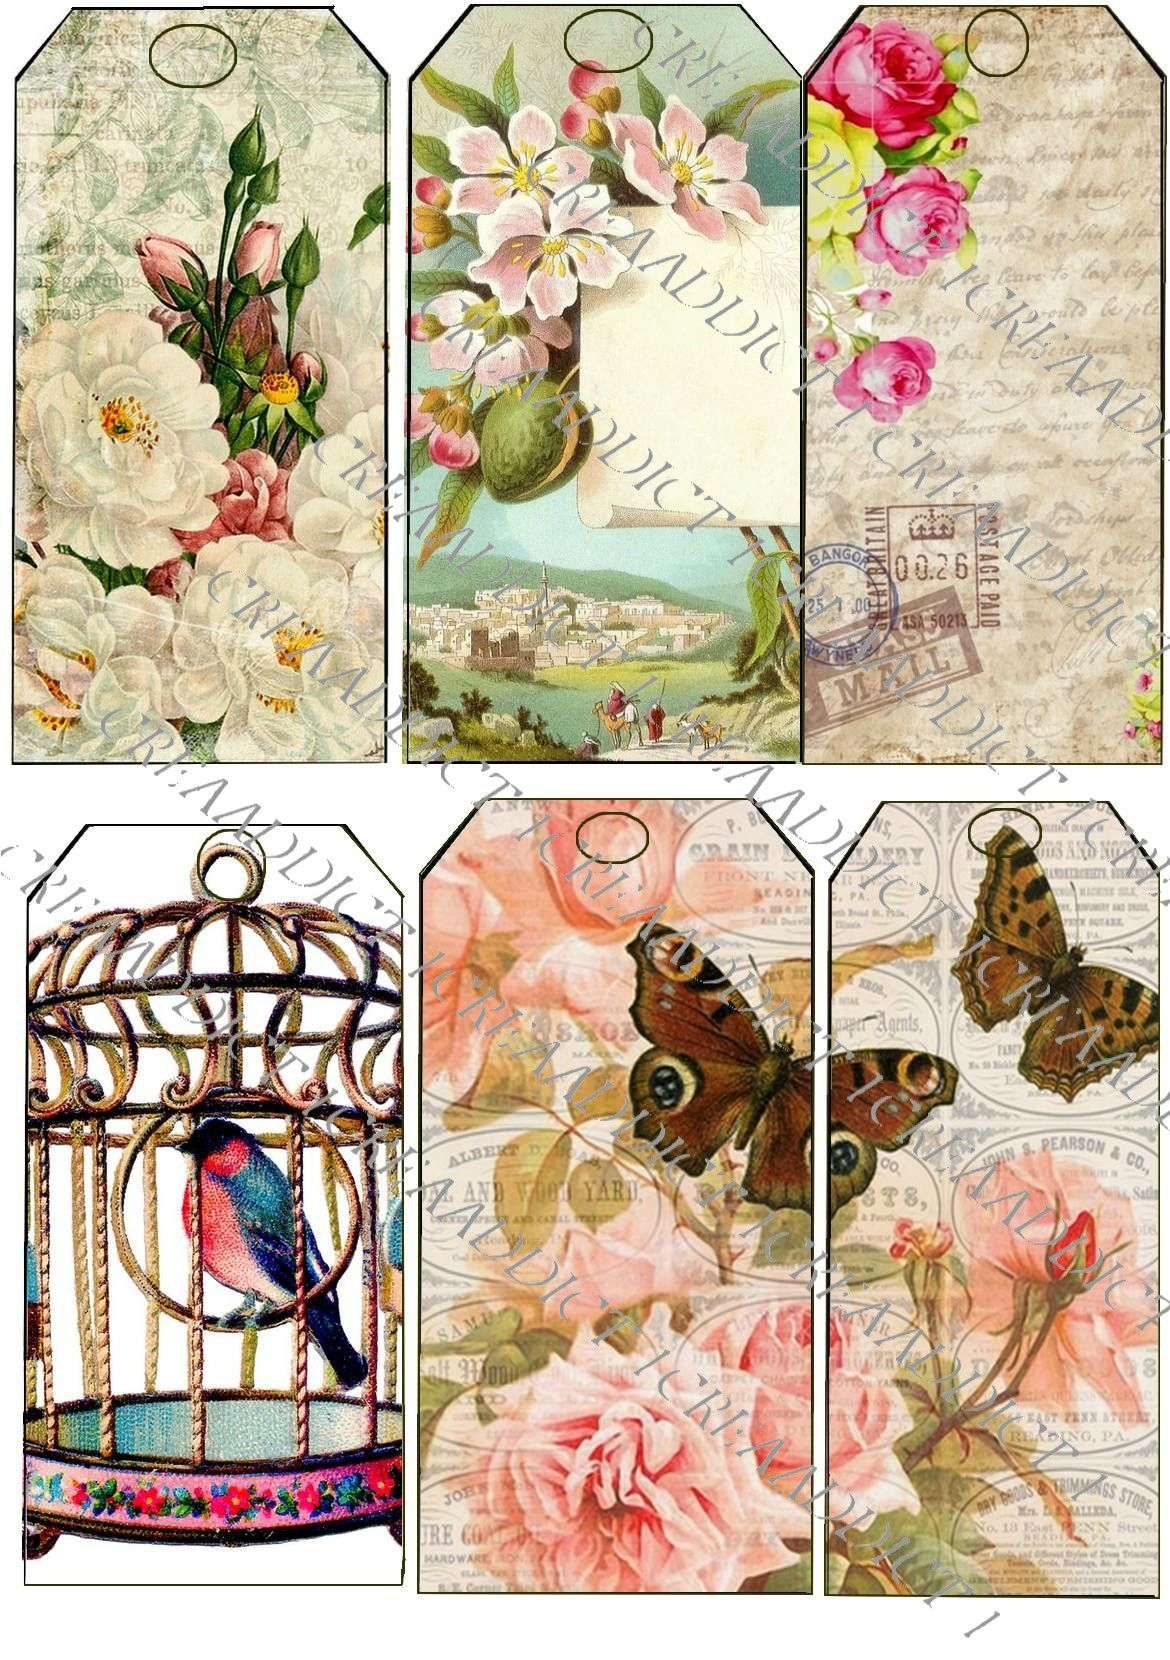 Copie De Etiquette Secret Garden Style With Images